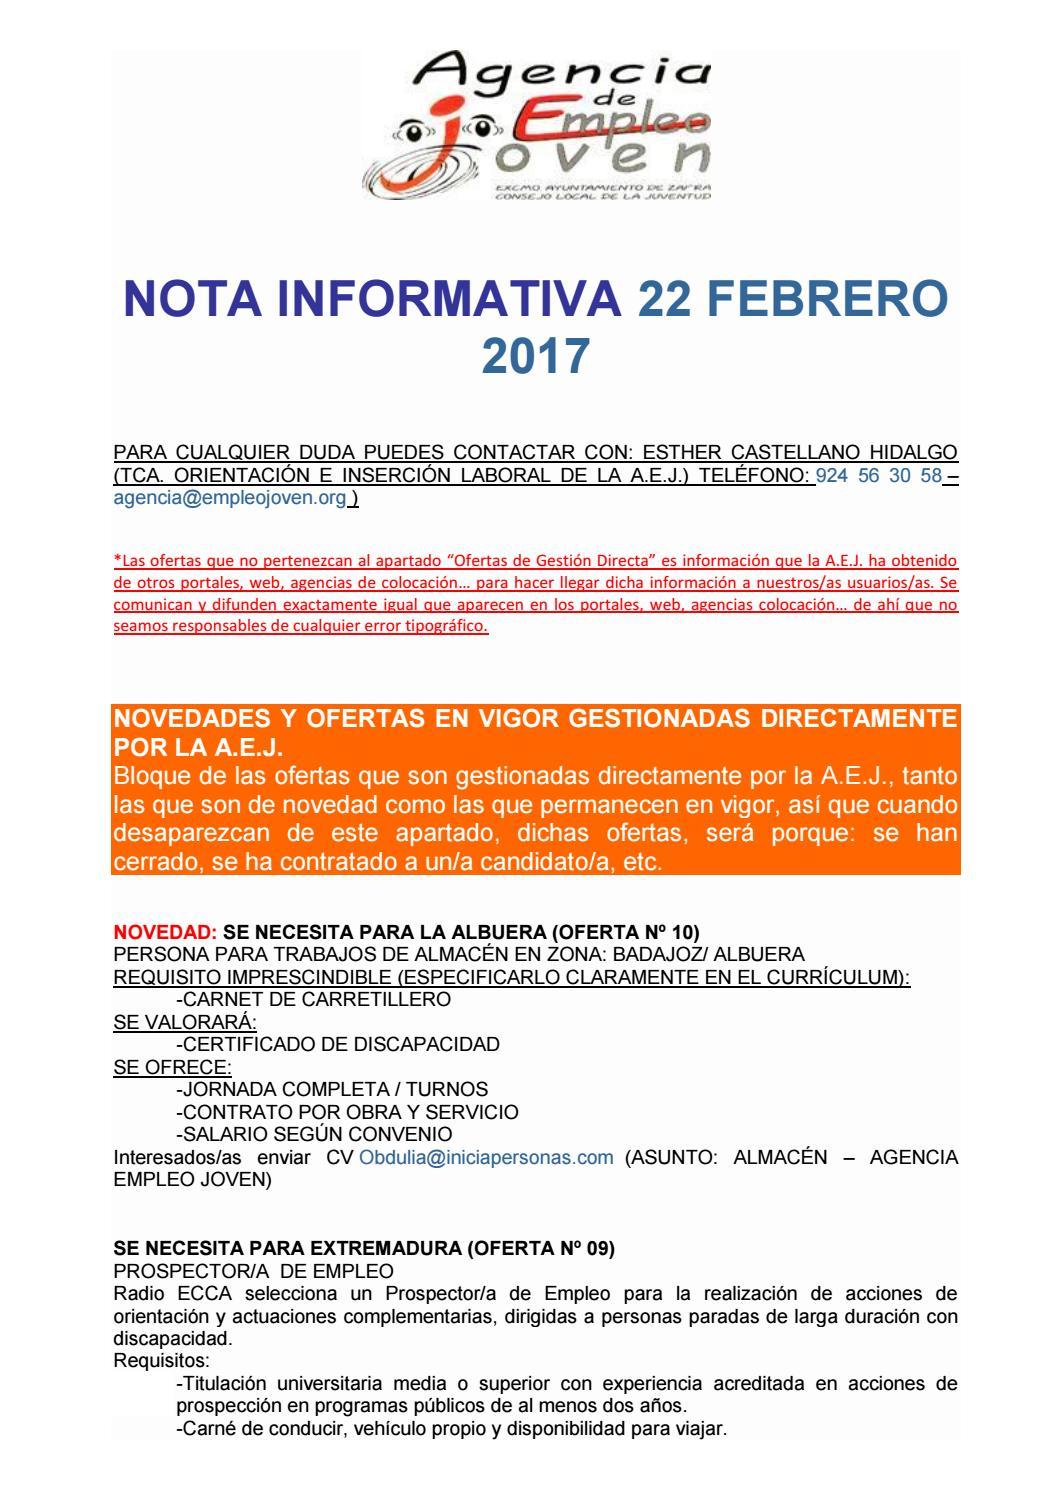 Nota informativa 22 de febrero de 2017 by Segura Al Día - issuu